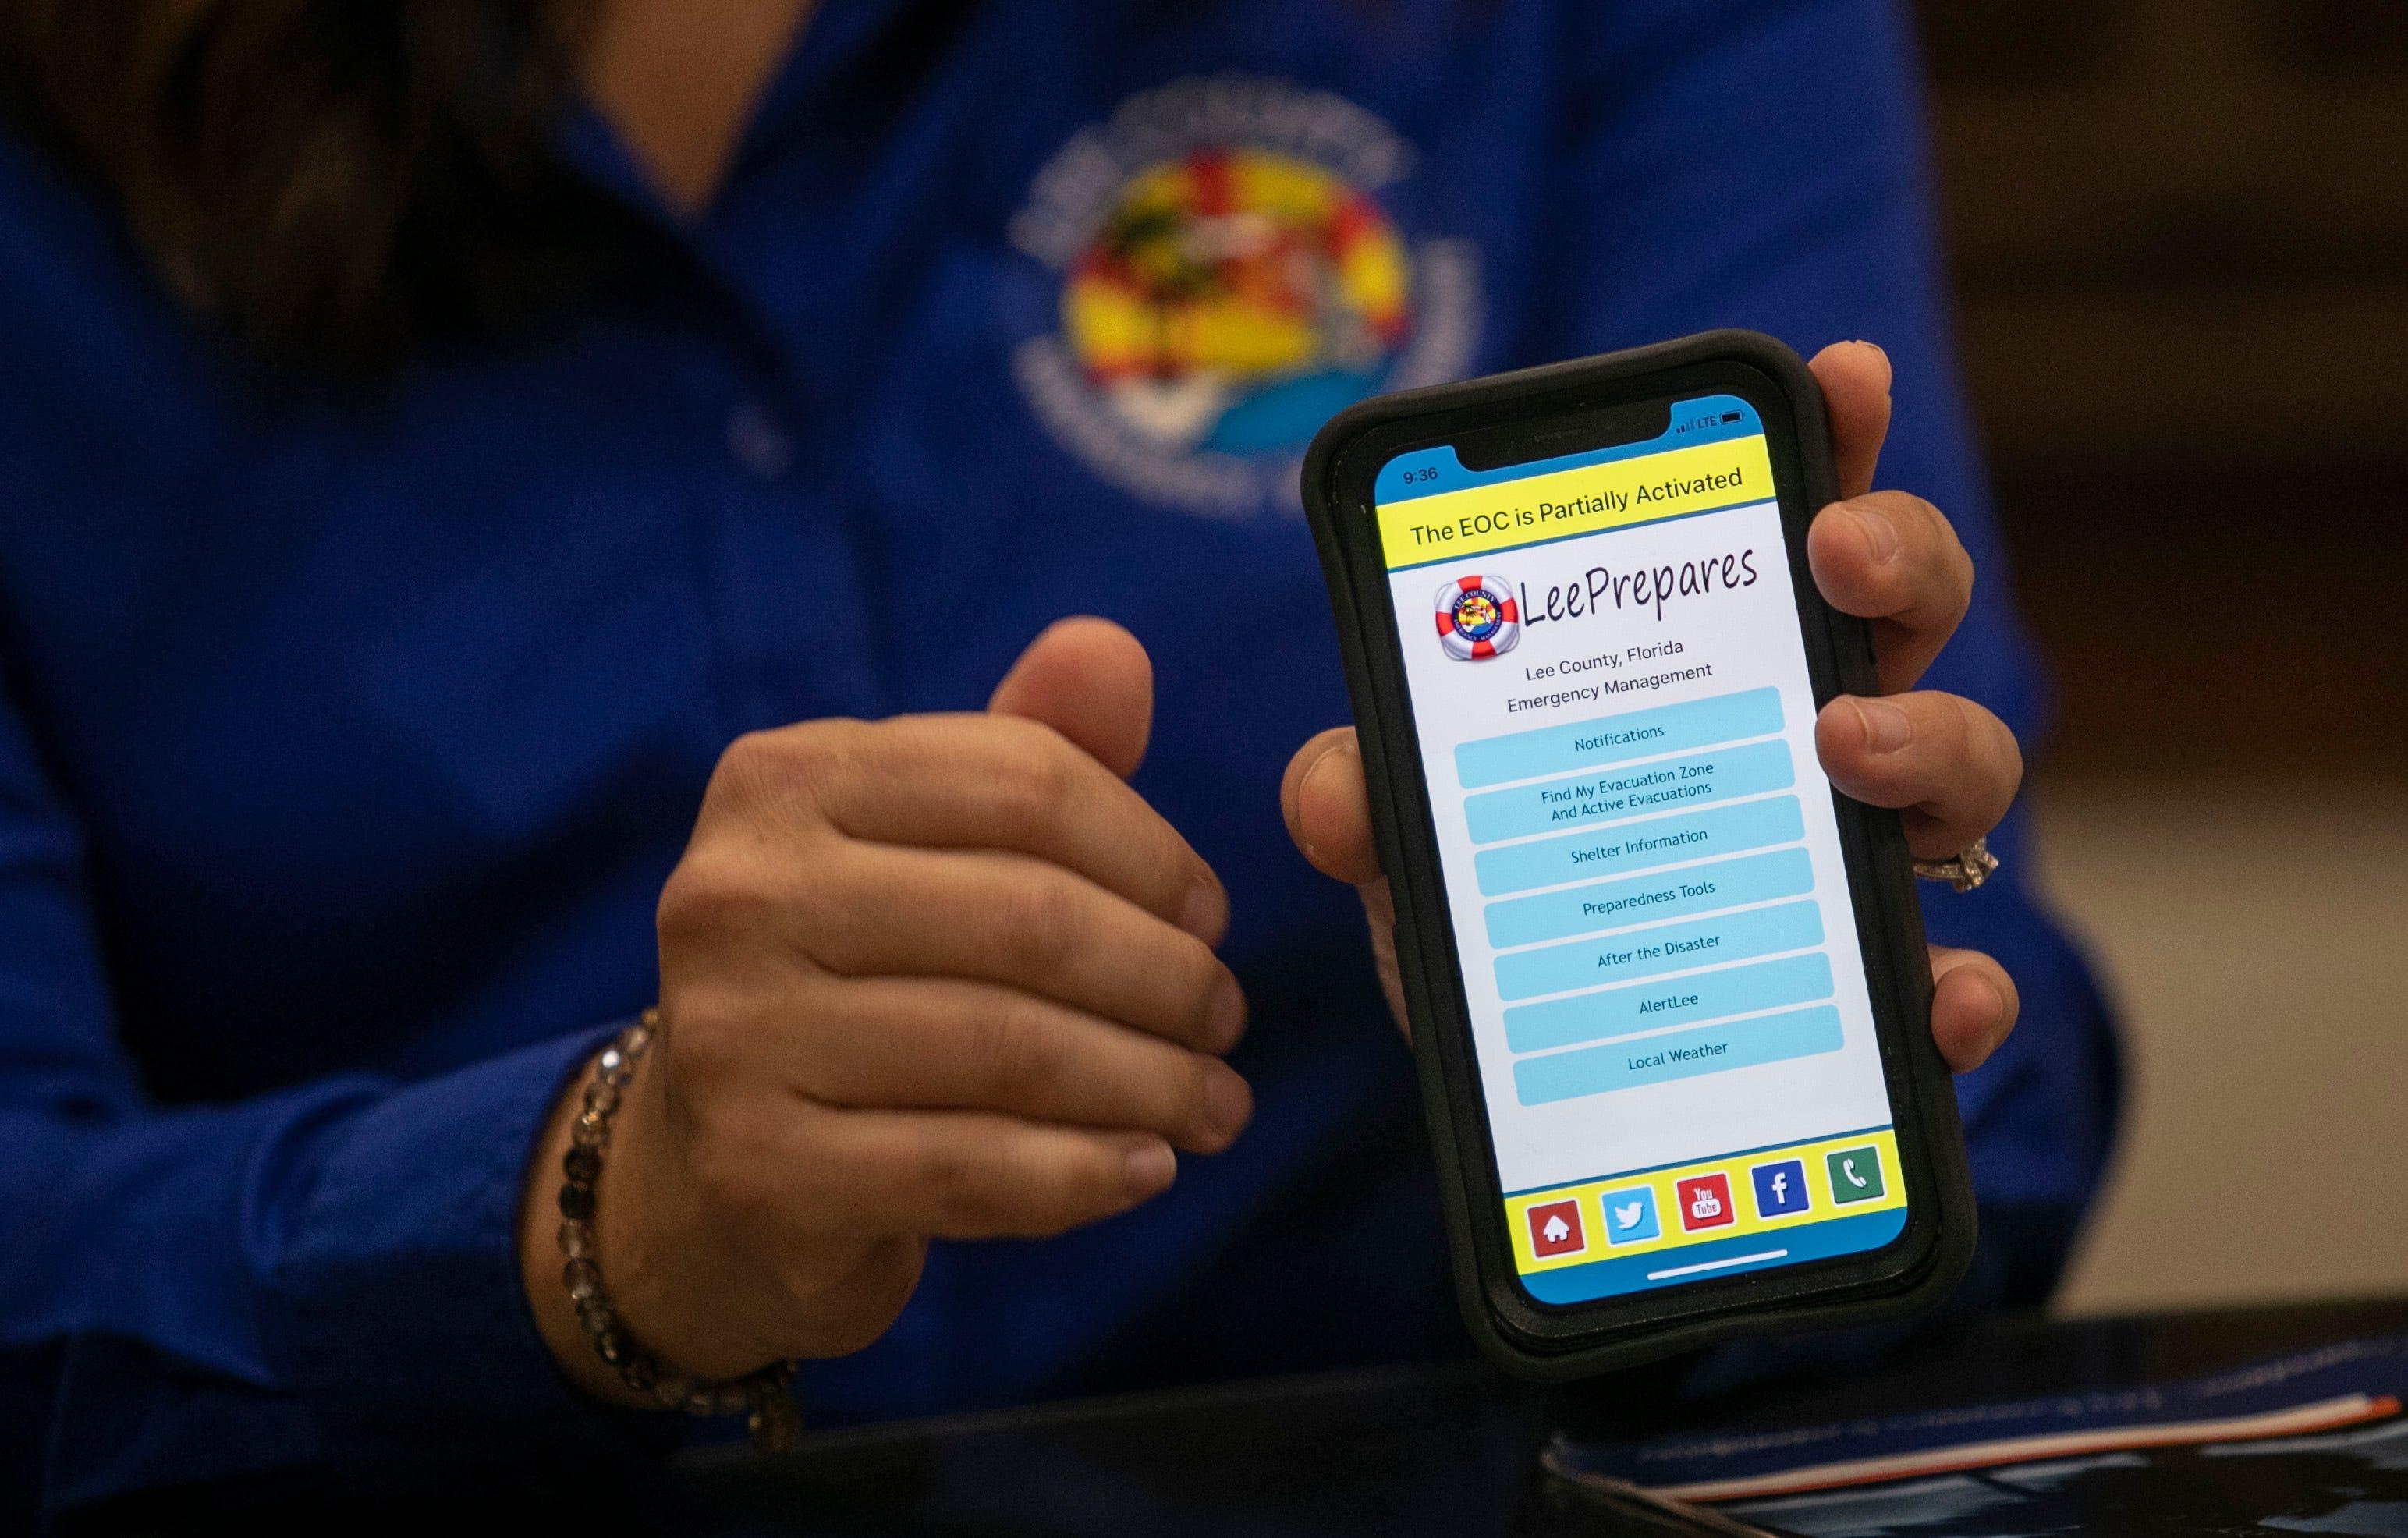 Hurricane season: LeePrepares app and AlertLee website can help you get ready 3